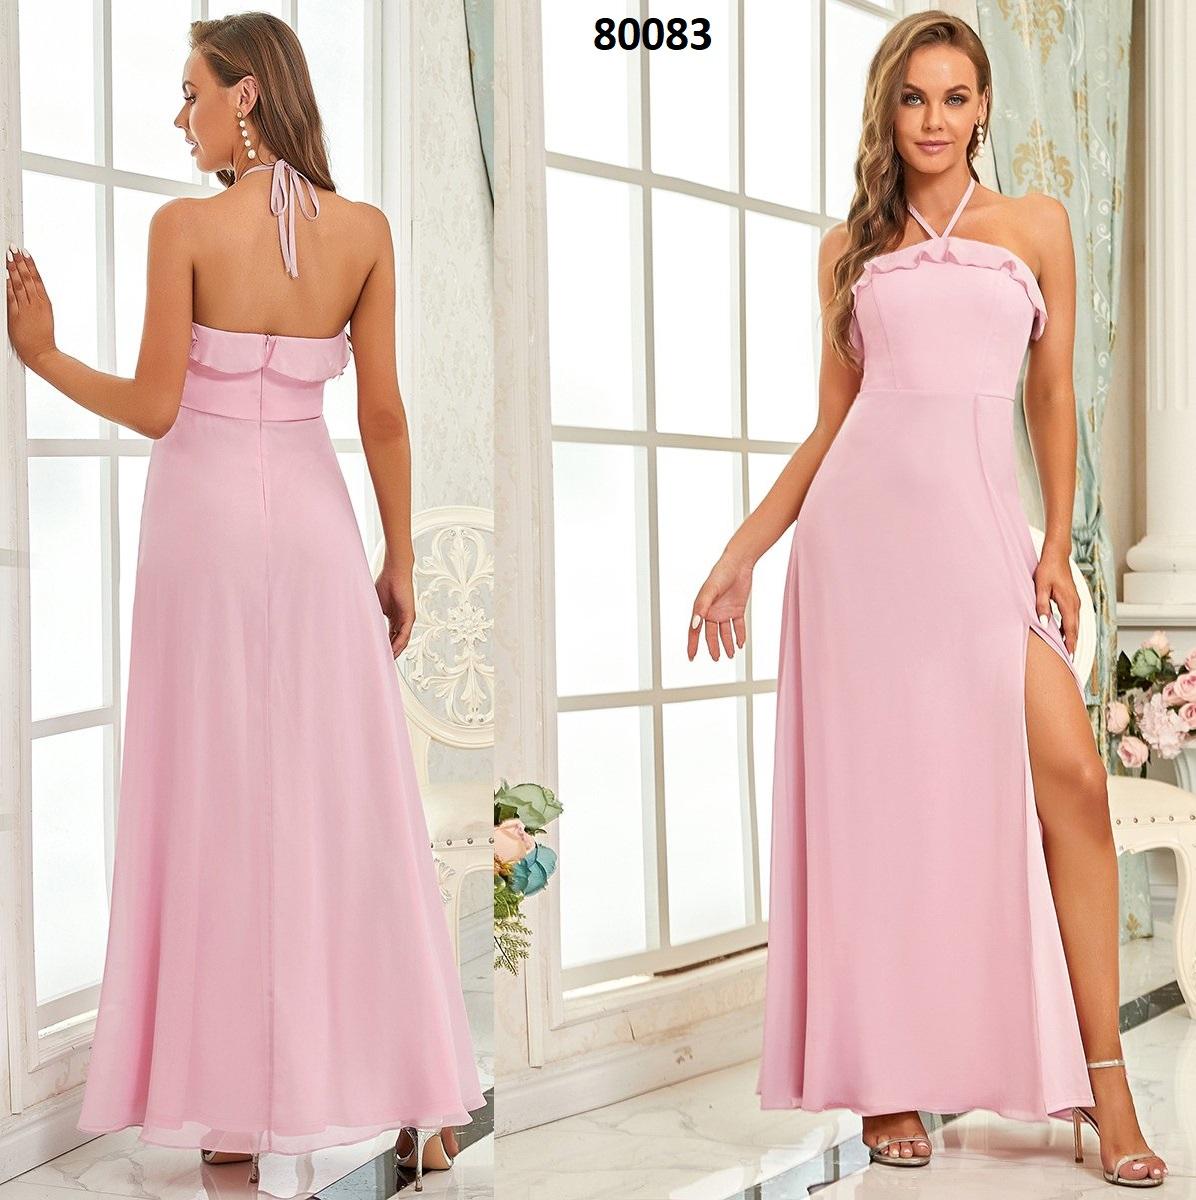 Cuello halter simple sin mangas una línea de vestidos de dama de honor 80083